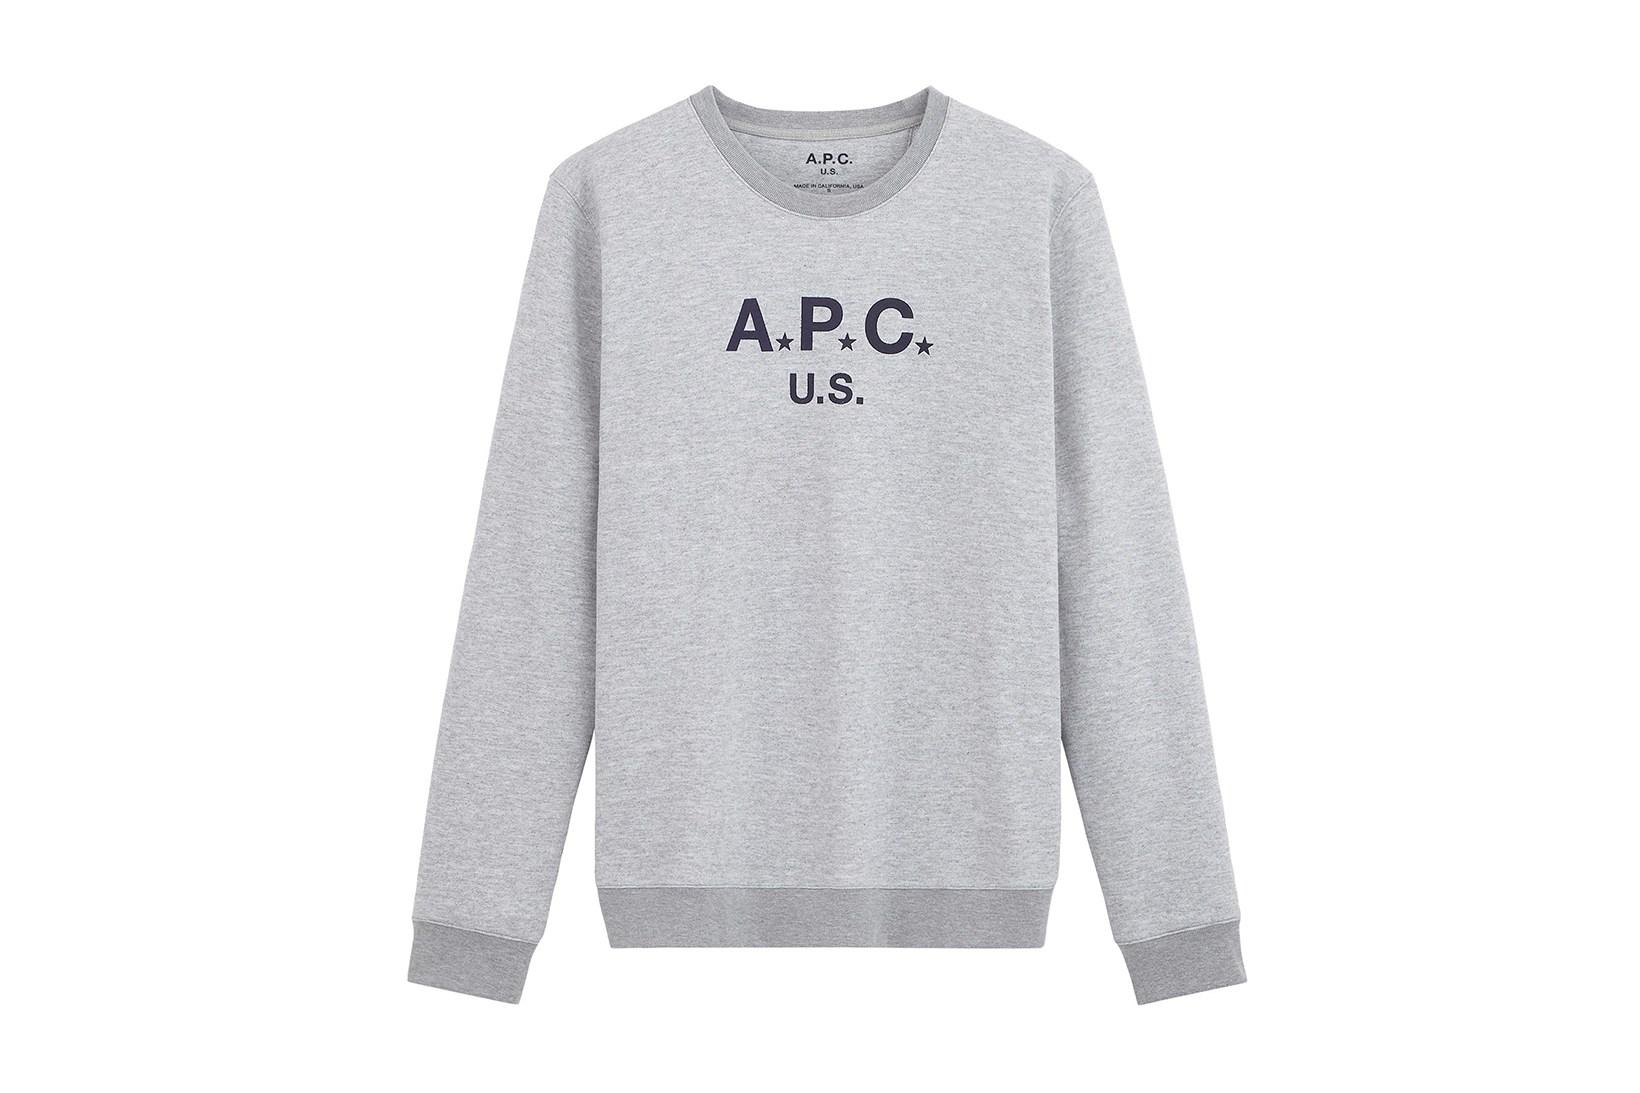 apc-us-ss17-2